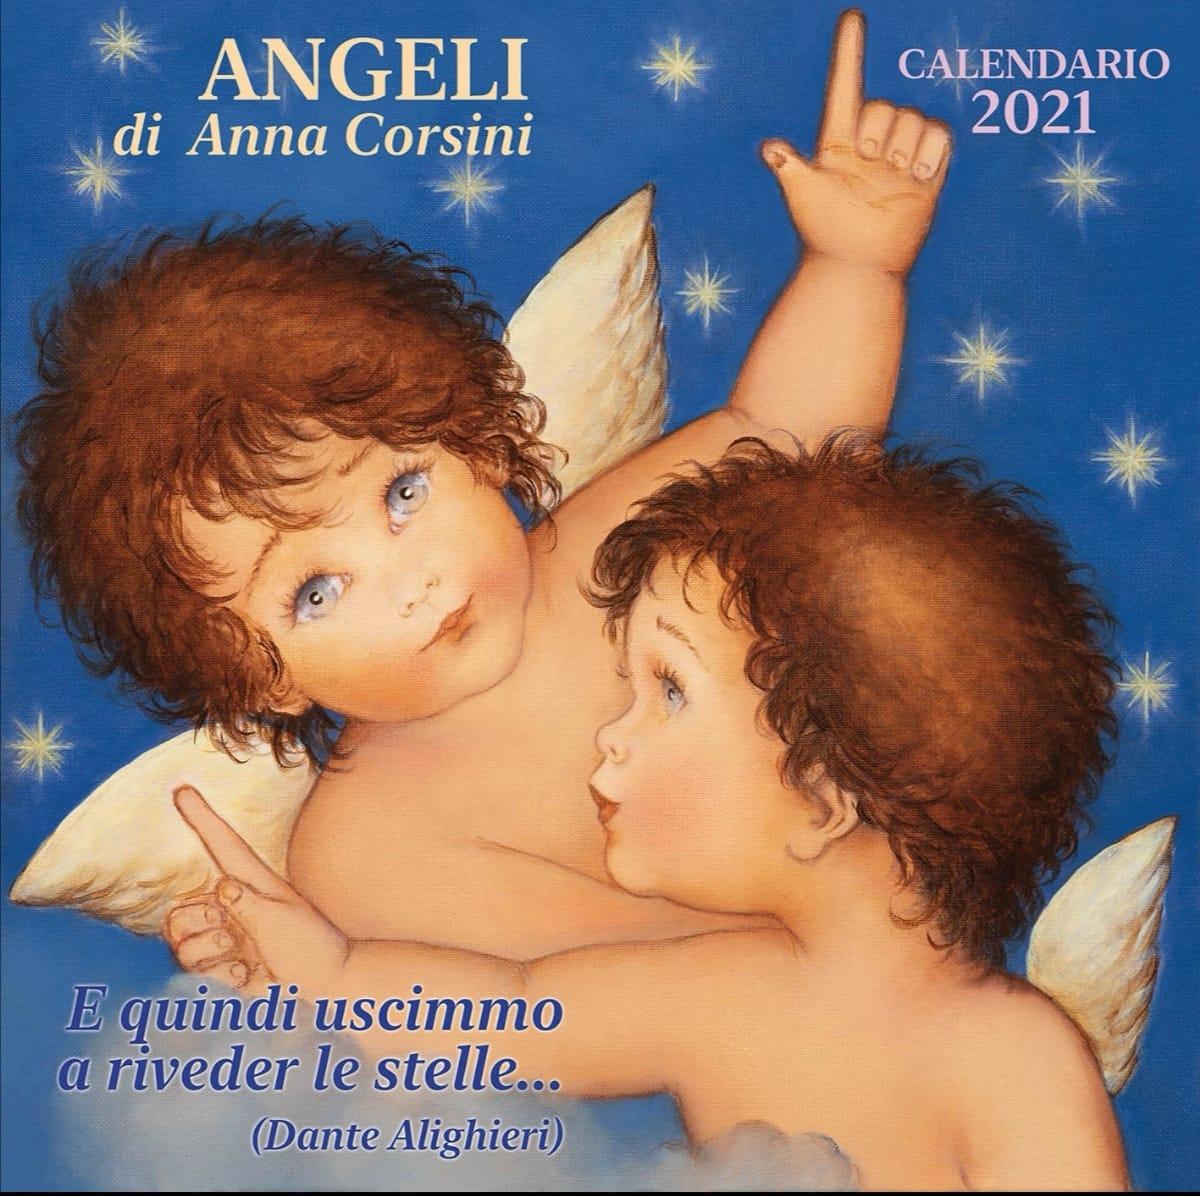 Calendario 2021 Degli Angeli Calendario 2021   Anna Corsini